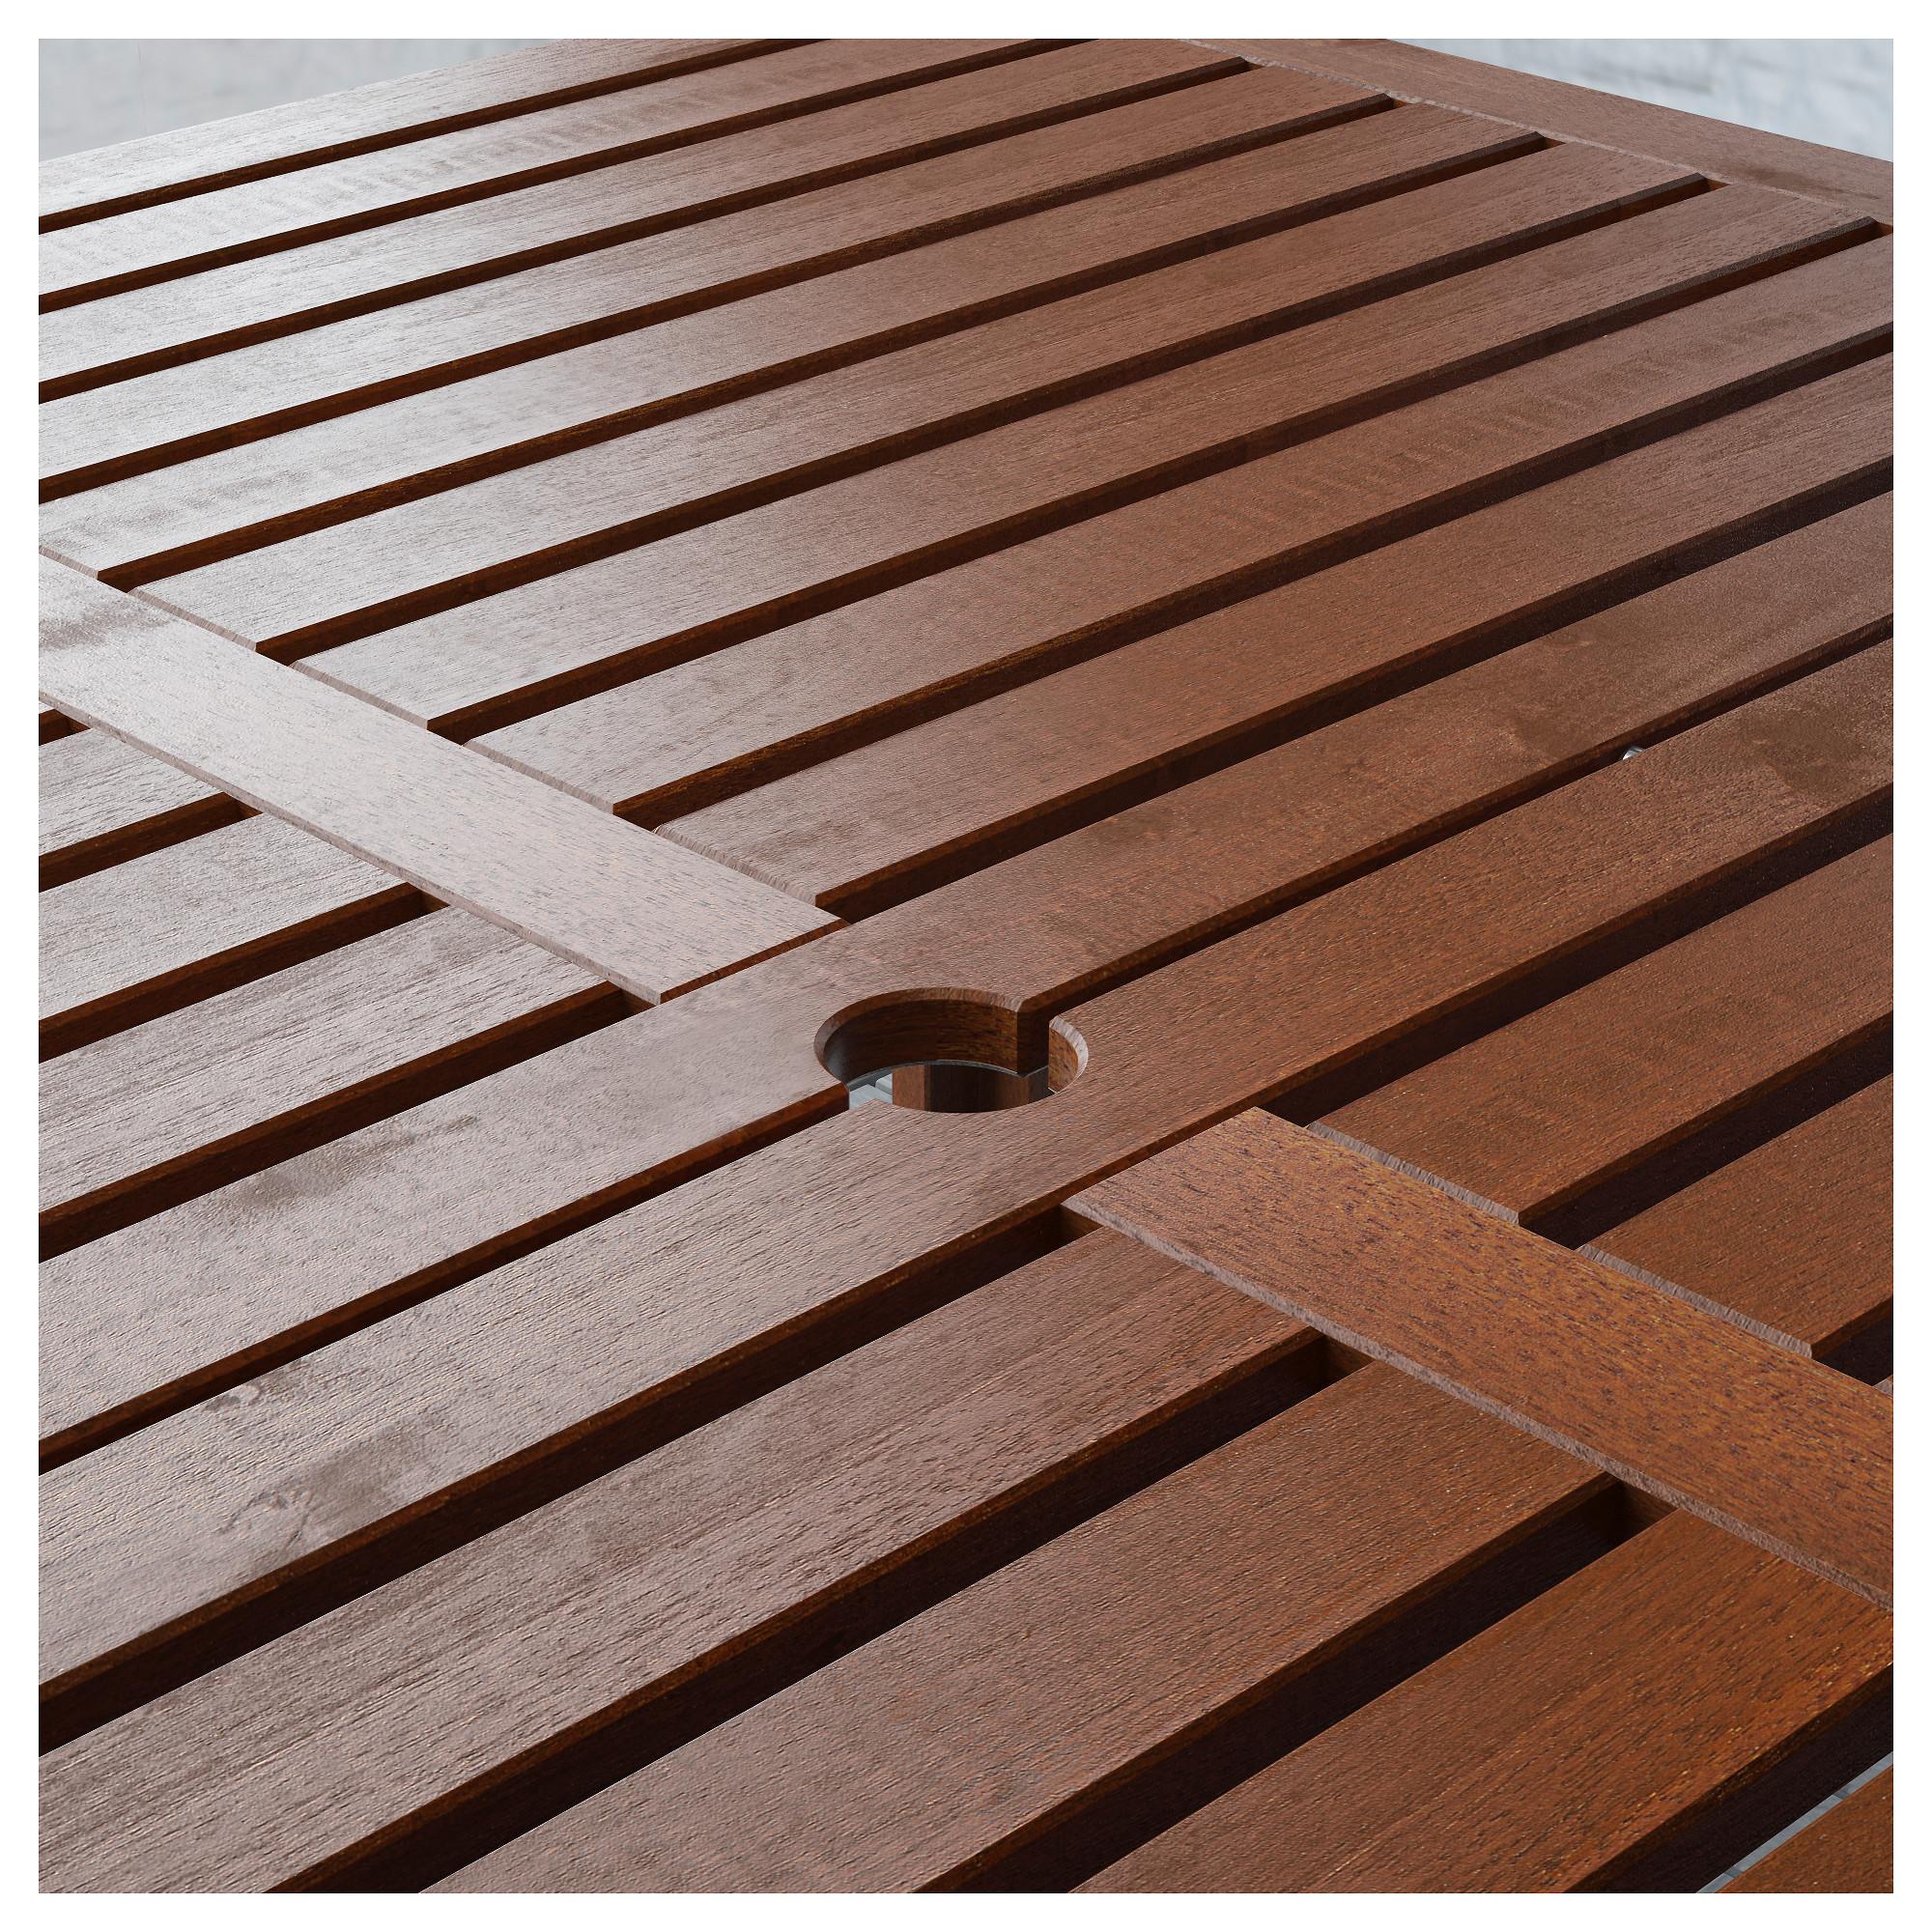 Стол + 6 кресел + скамья для сада ЭПЛАРО черный артикуль № 592.289.49 в наличии. Онлайн магазин ИКЕА Республика Беларусь. Недорогая доставка и соборка.